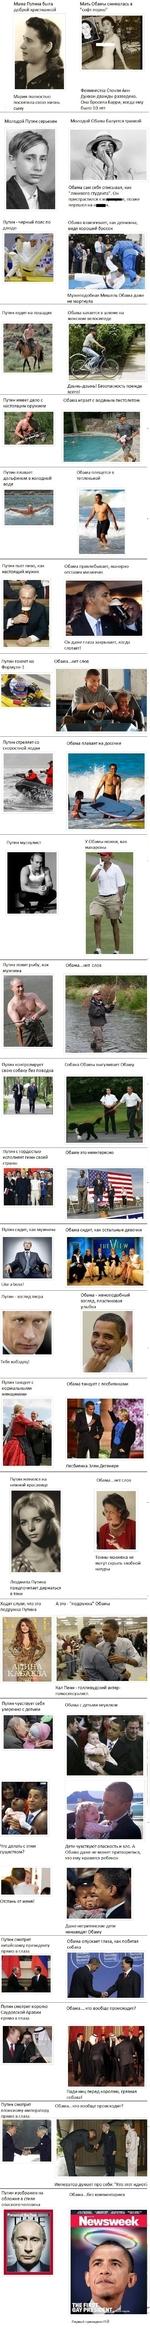 """Мама Путина была доброй христианкой Мать Обамы снималась в """"софт-порно"""" Мария полностью посвятила свою жизнь сыну Феминистка Стенли Анн Дунхан дважды разведена. Она бросила Барри, когда ему было 10 лет Молодой Путин серьезен Молодой Обама балуется травкой Путин - черный пояс по дзюдо Обама с"""